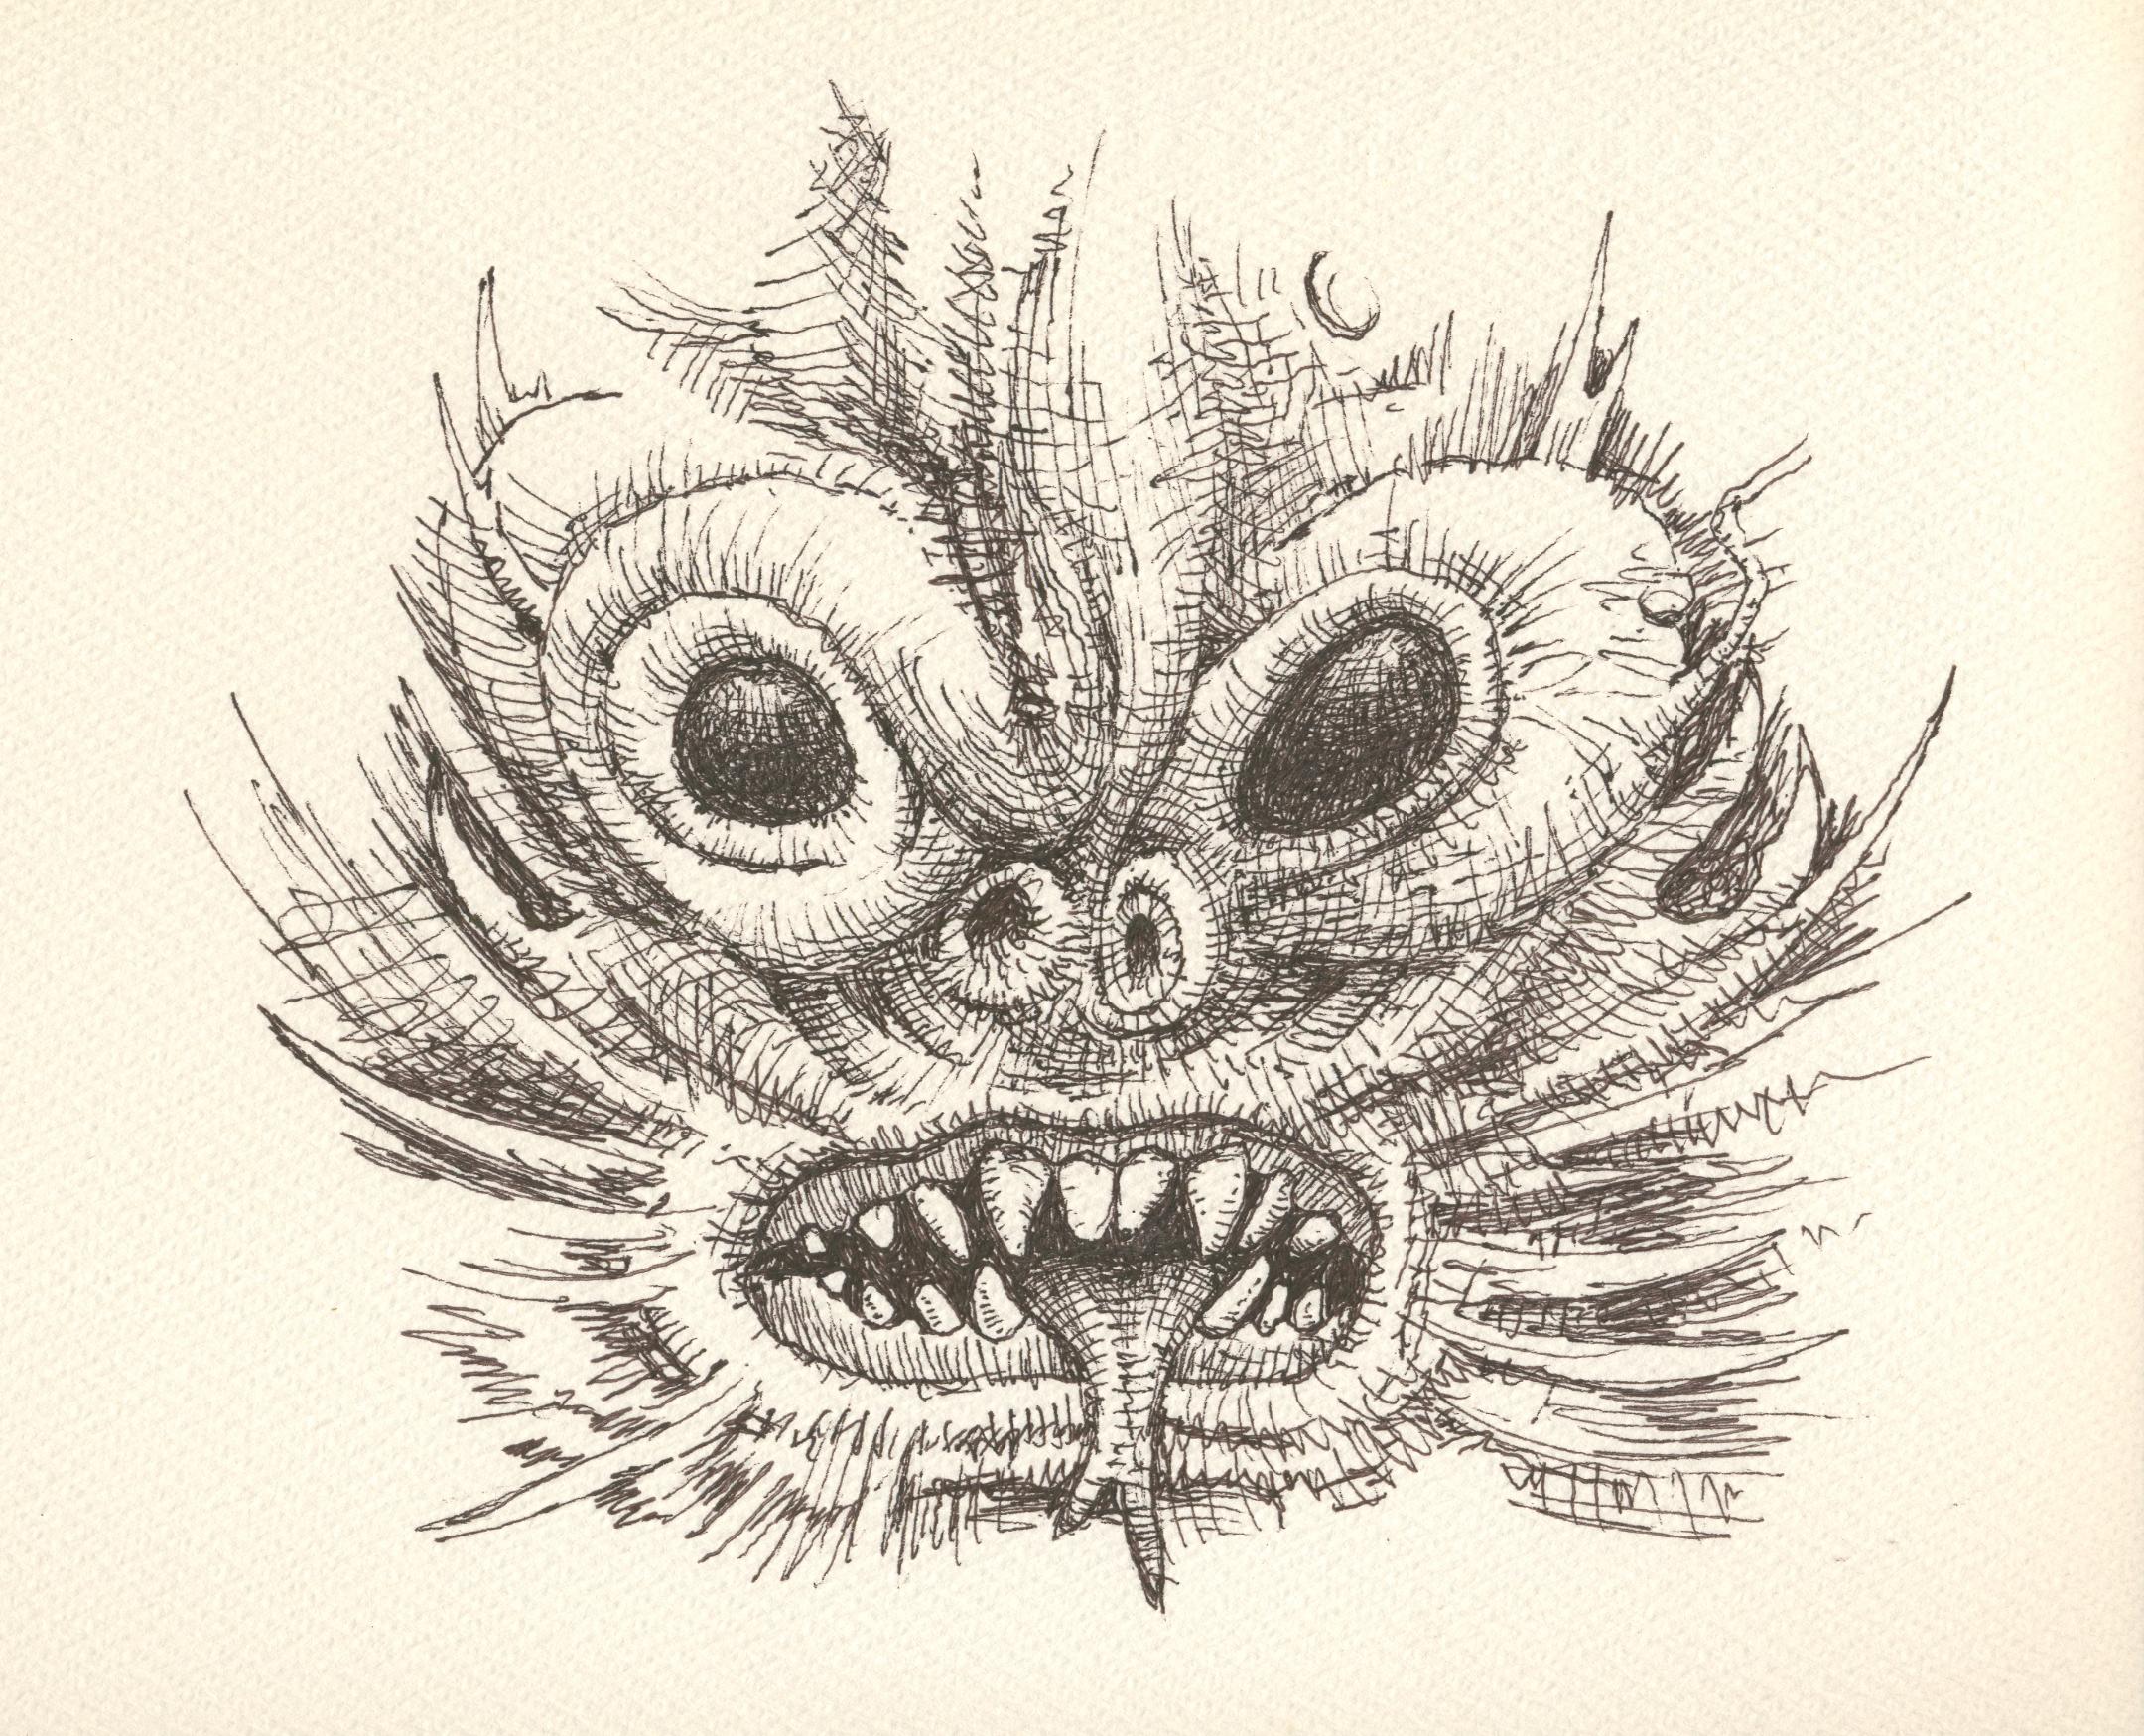 Alexandewr Ross, Monkey Demon, 2016, ink on watercolor paper